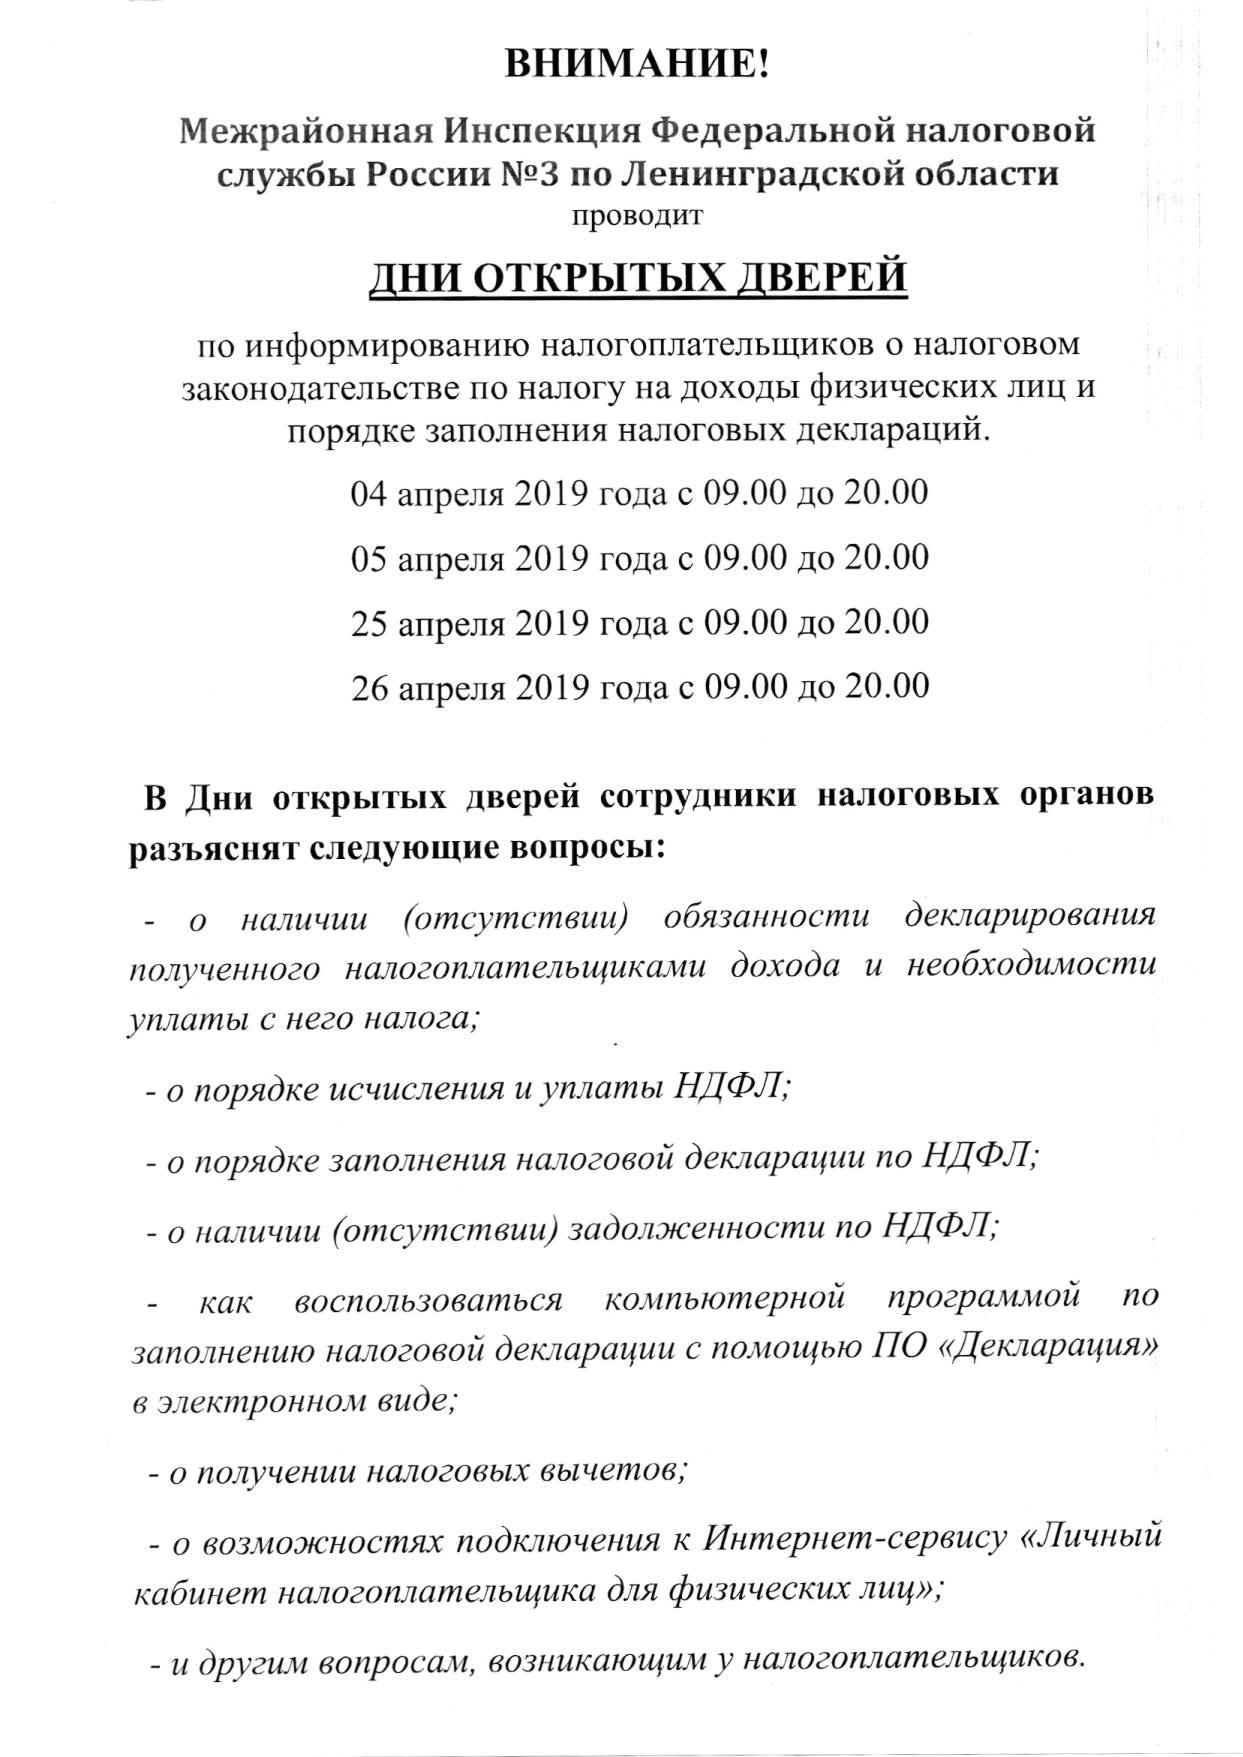 объяв_1